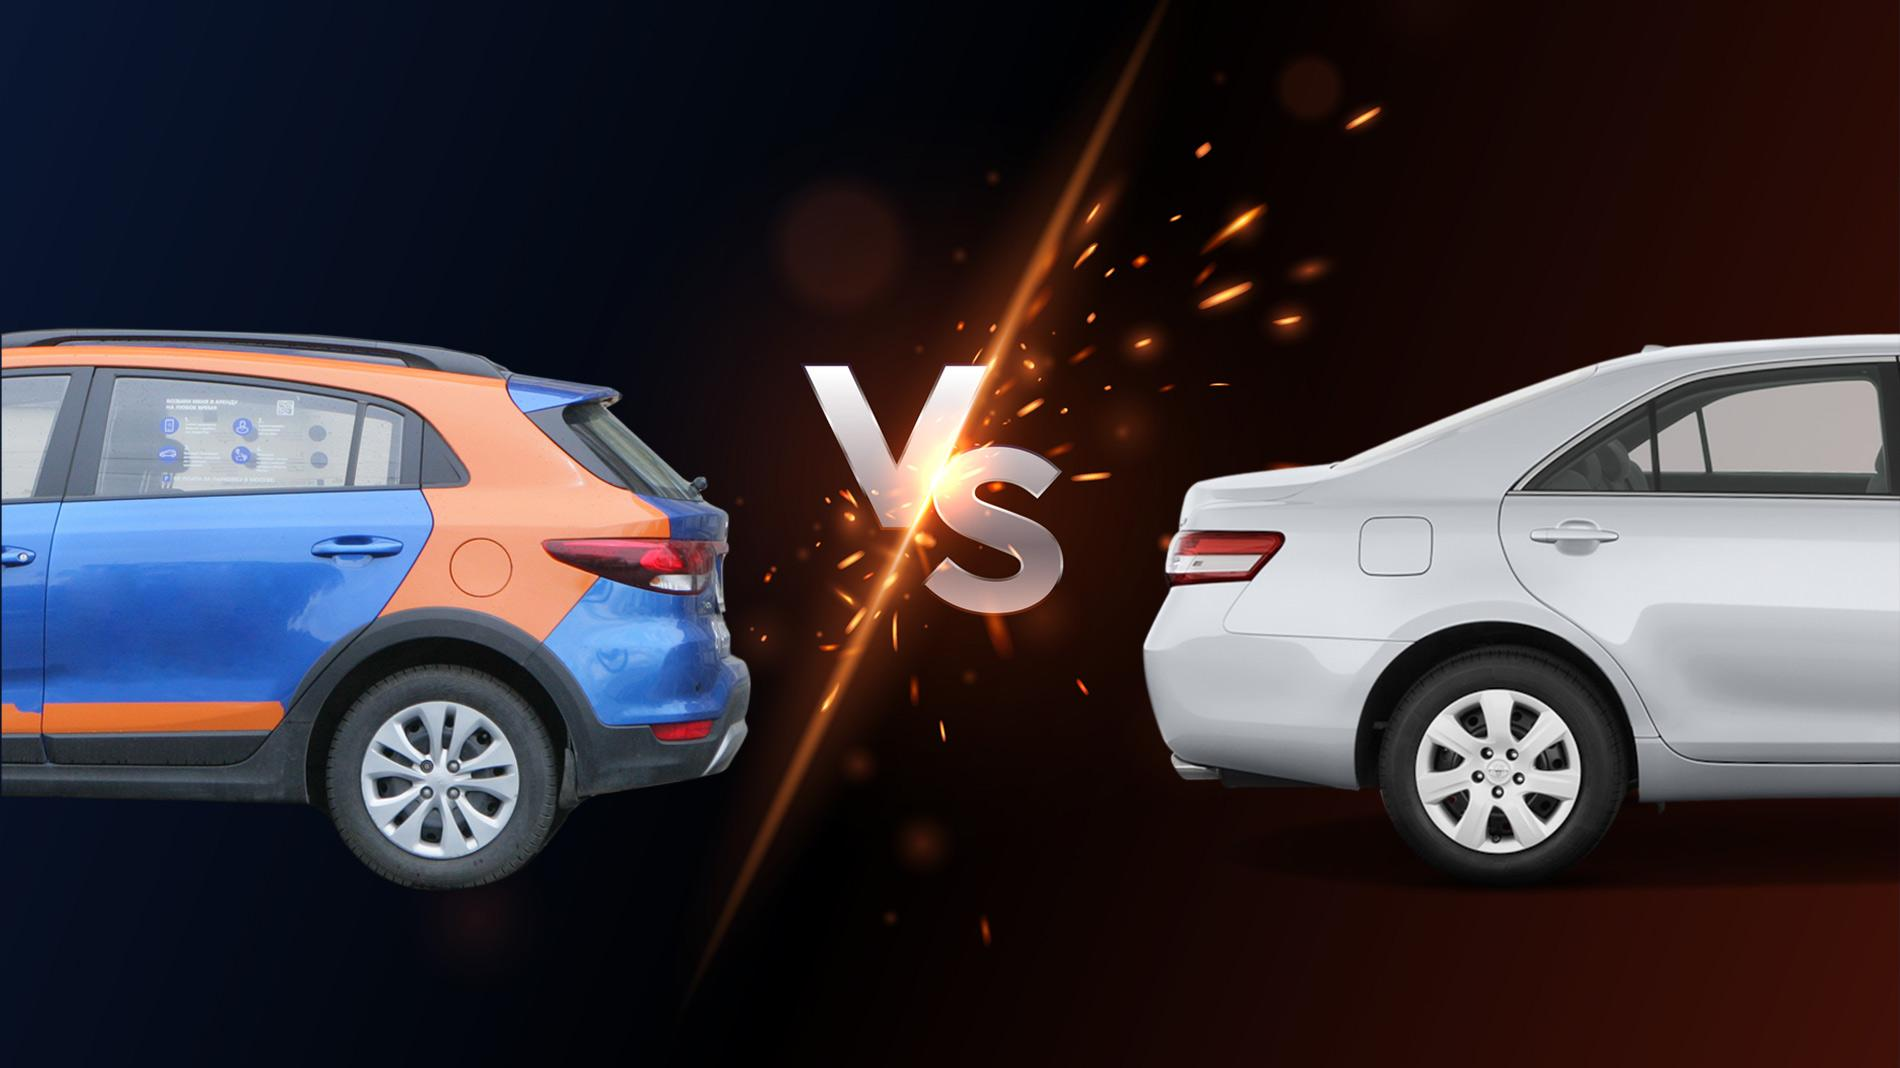 Личное авто против каршеринга. Есть ли смысл покупать машину или аренда  выгоднее?